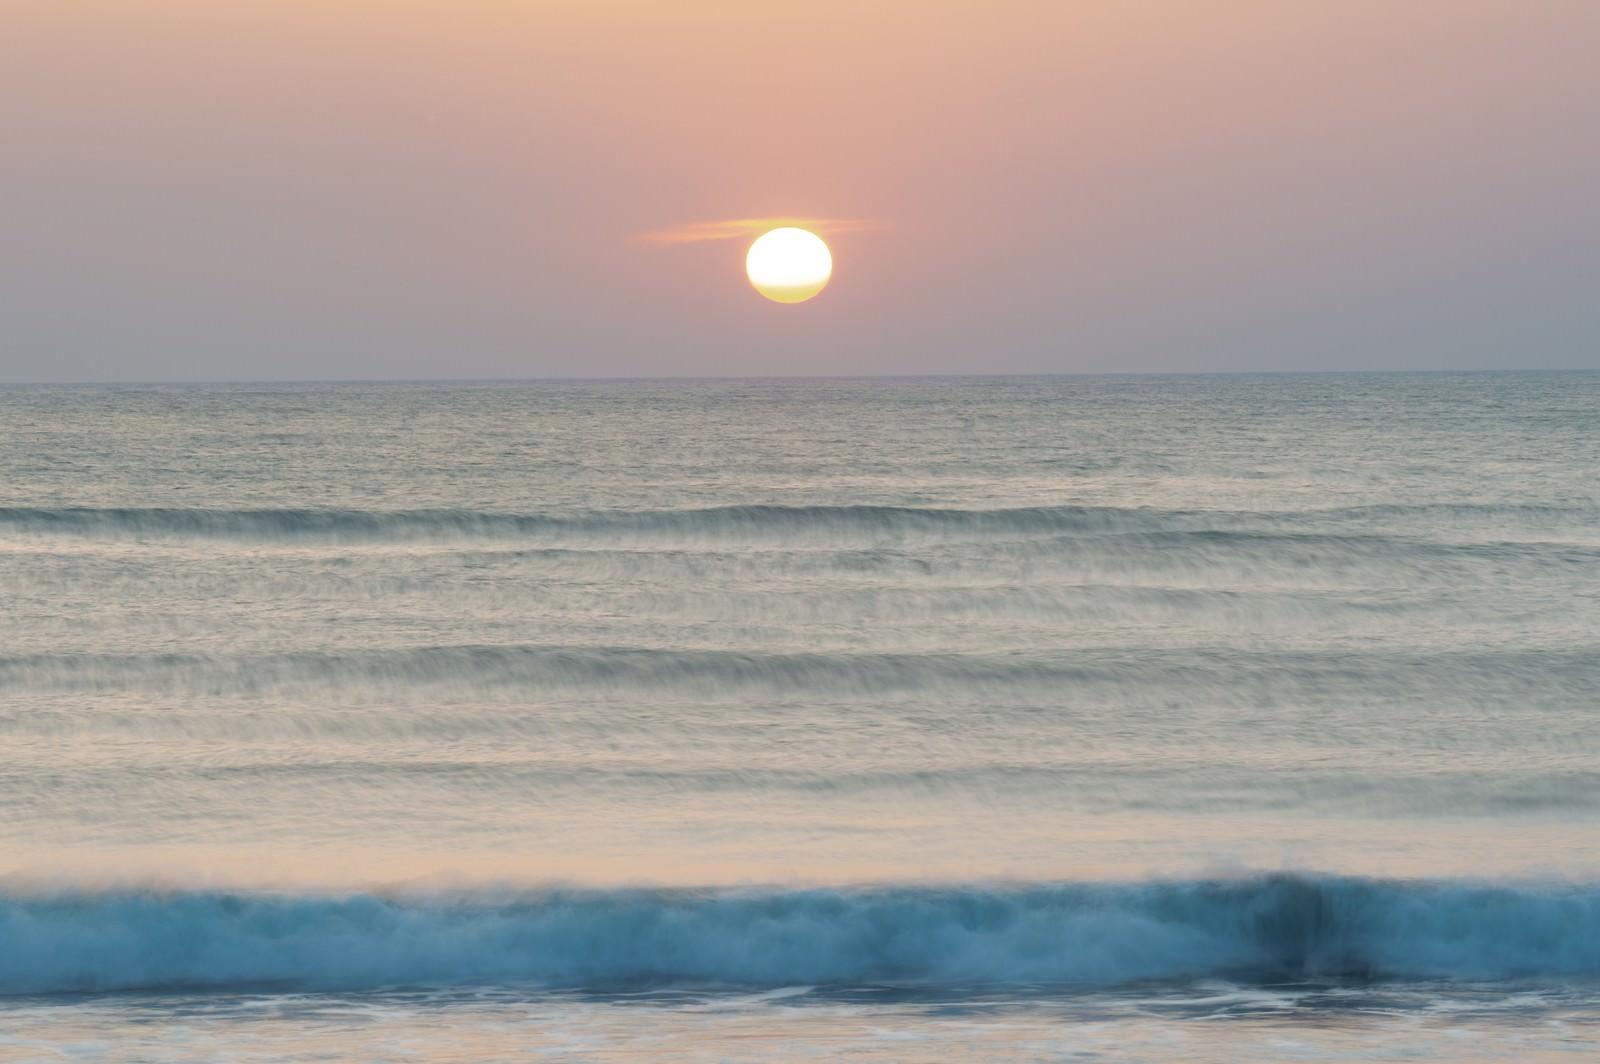 「一宮海岸の朝日(千葉県一宮町) | 写真の無料素材・フリー素材 - ぱくたそ」の写真